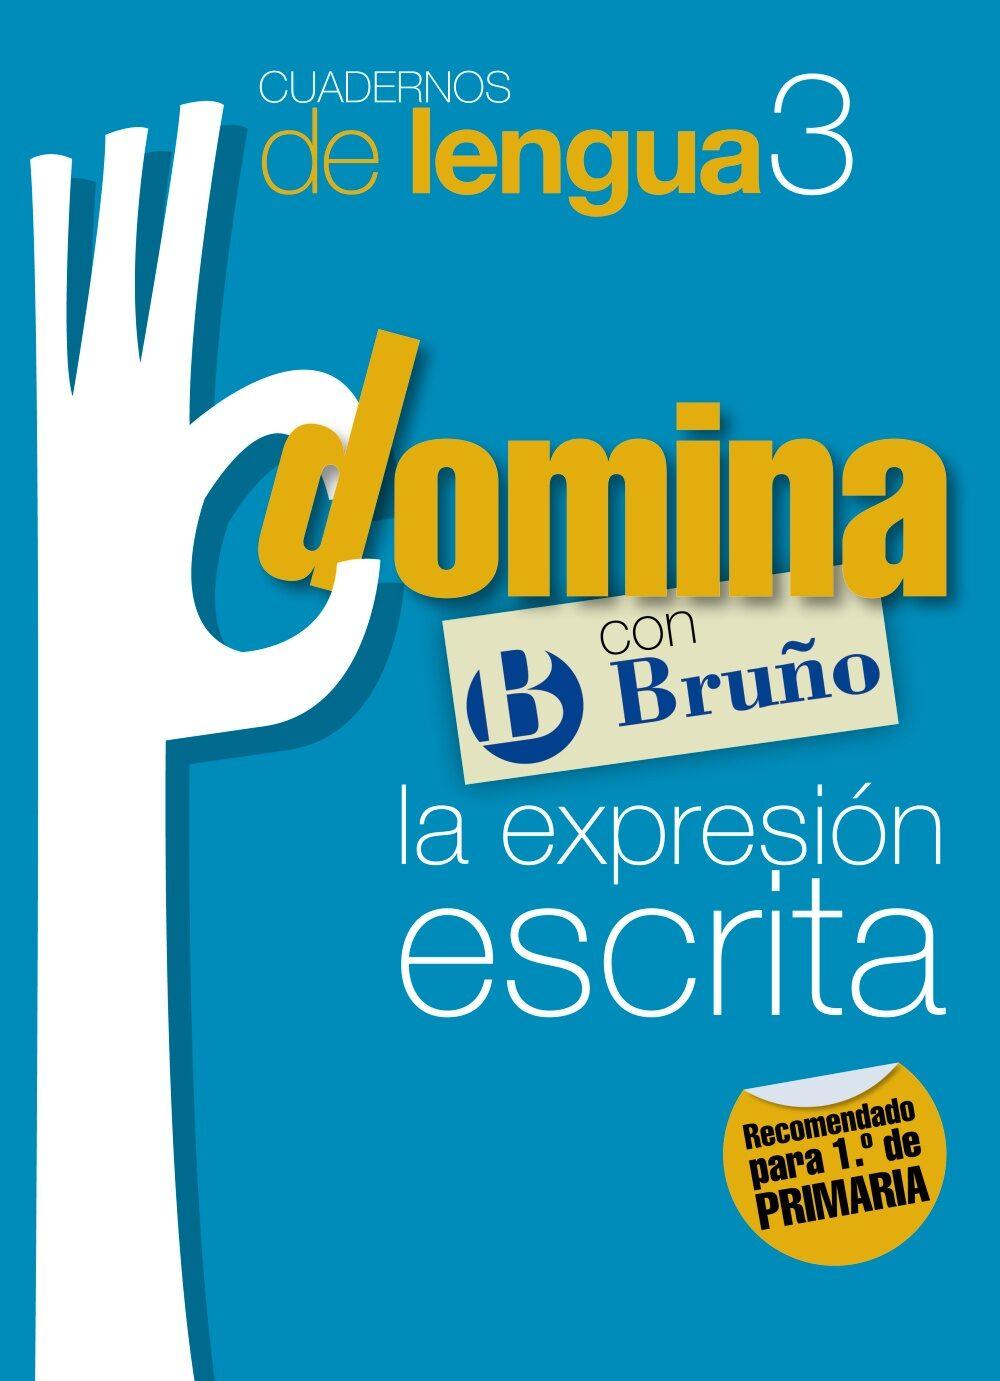 CUADERNOS DOMINA LENGUA 3 EXPRESION ESCRITA 1 | VV.AA